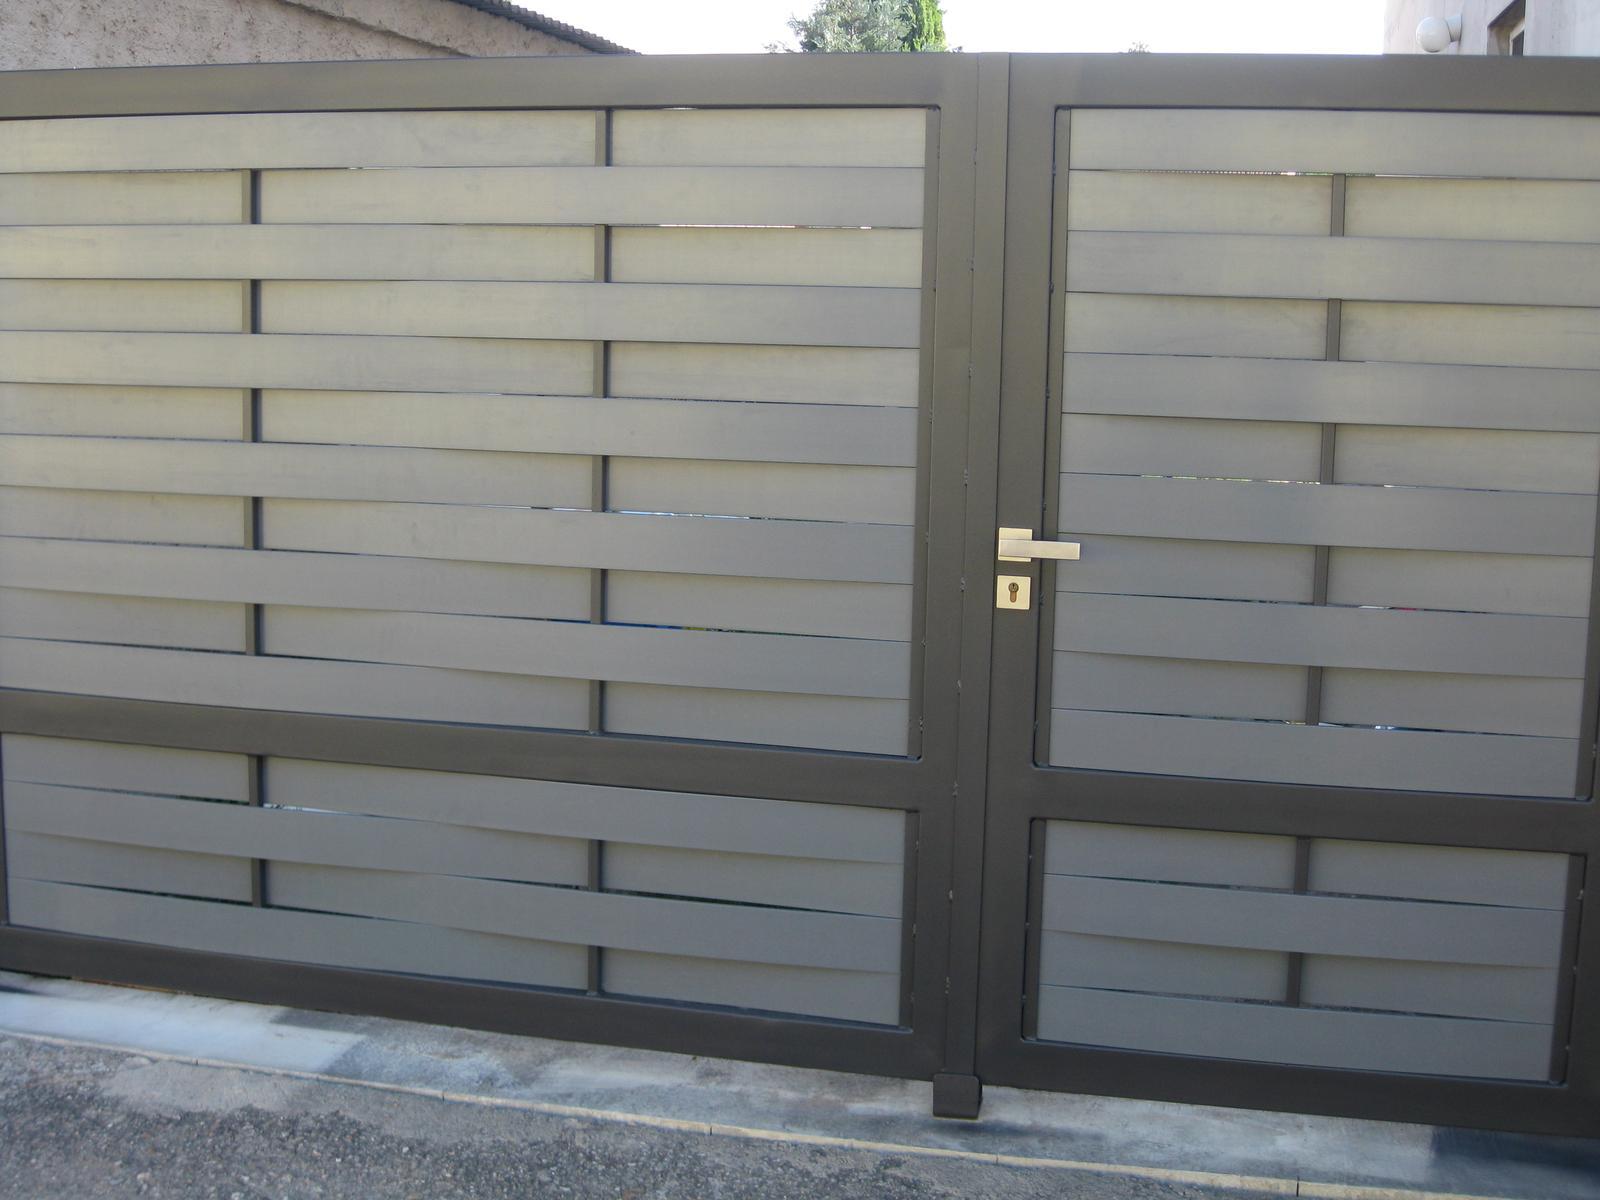 Brána - Obrázek č. 2